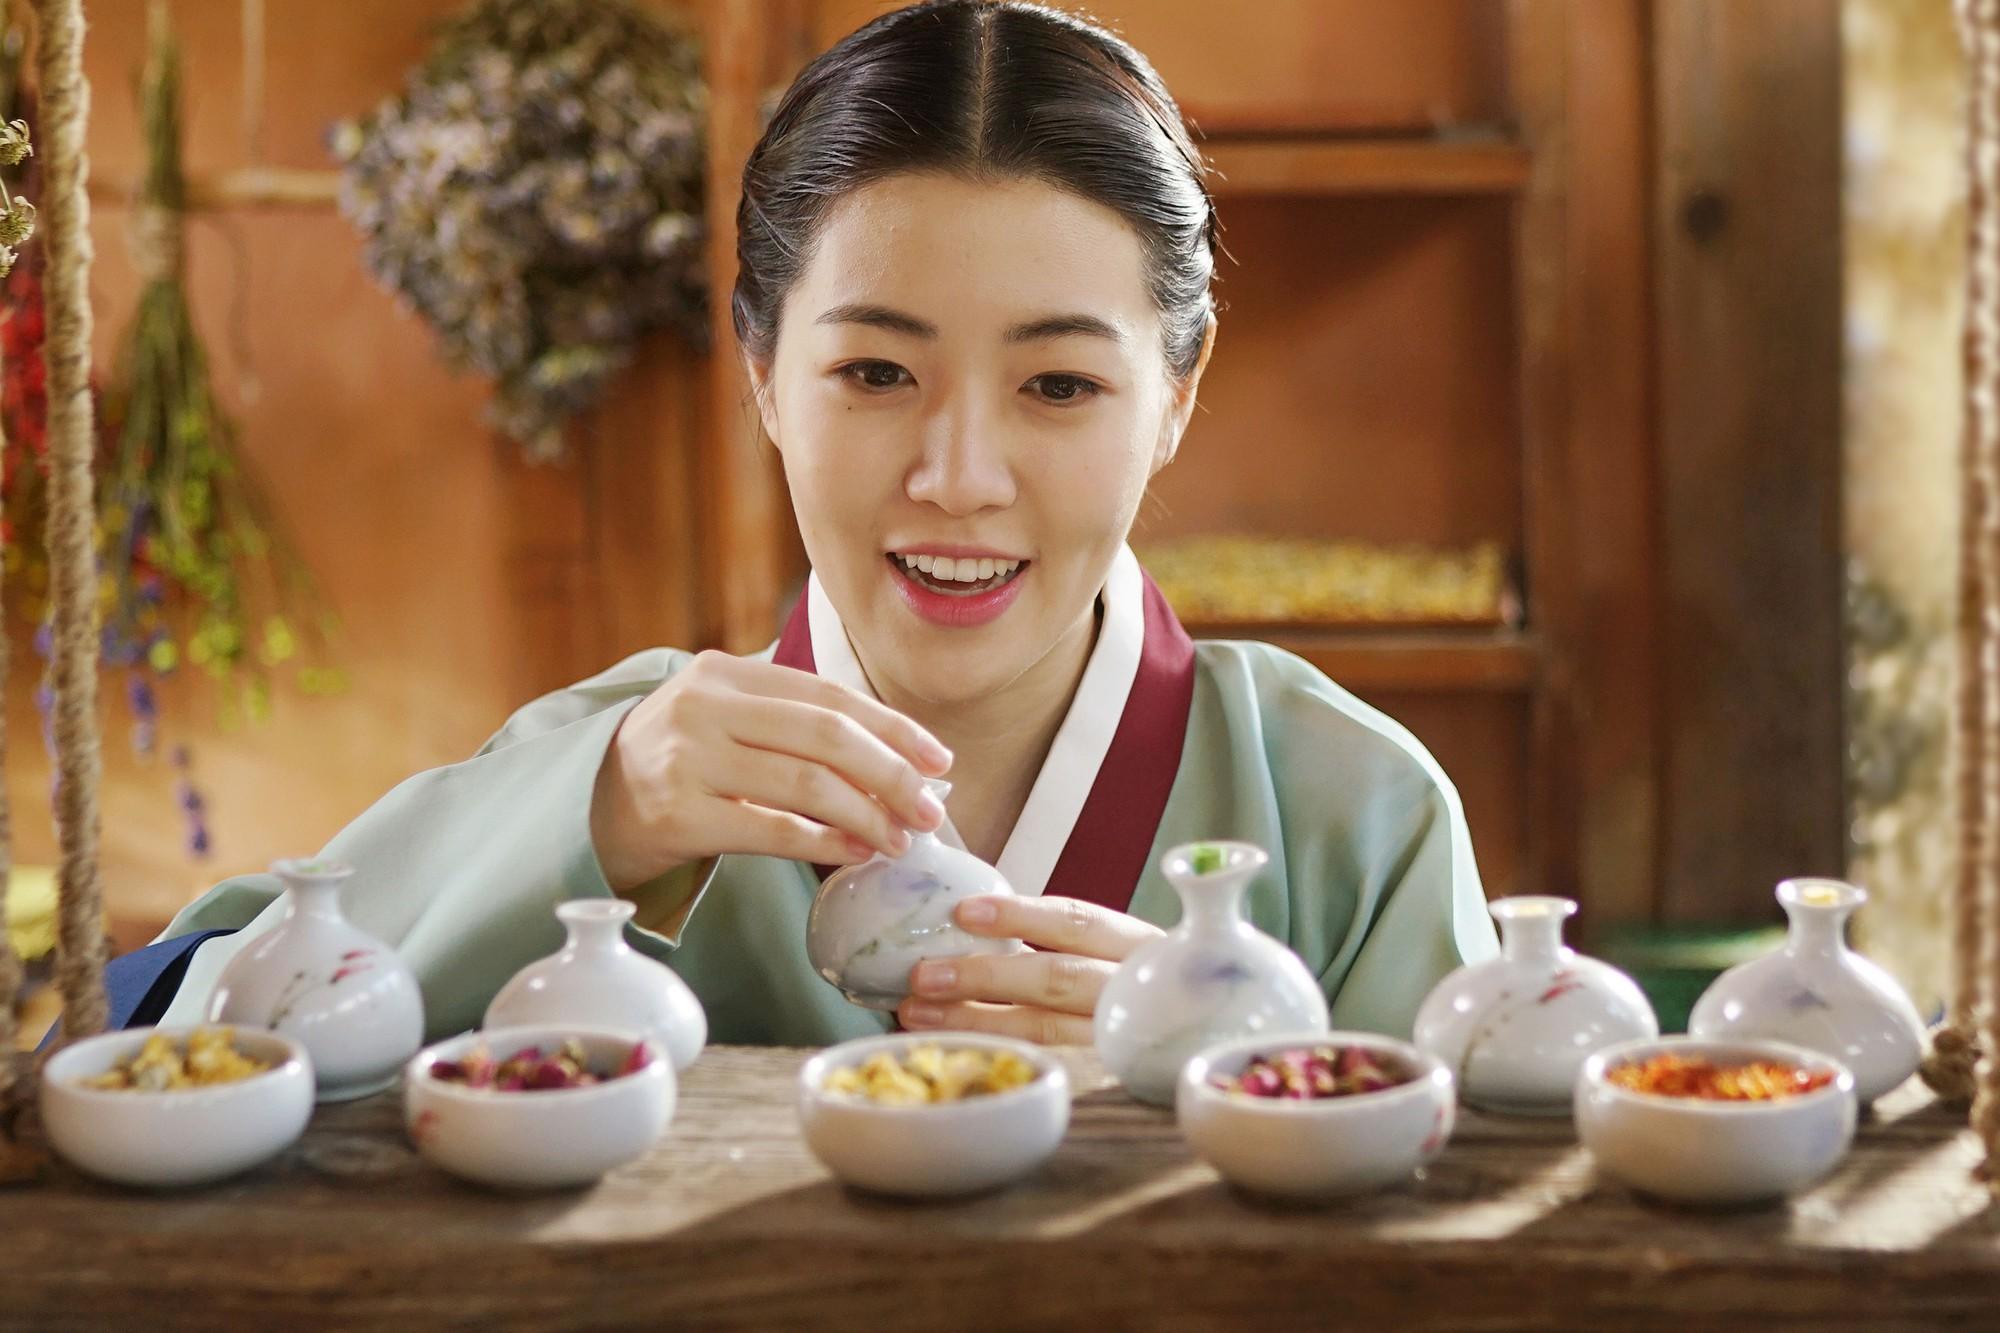 Phim mới của Lee Seung Gi: Khi con rể quốc dân cũng flop dập mặt vì quá thiếu muối - Ảnh 8.